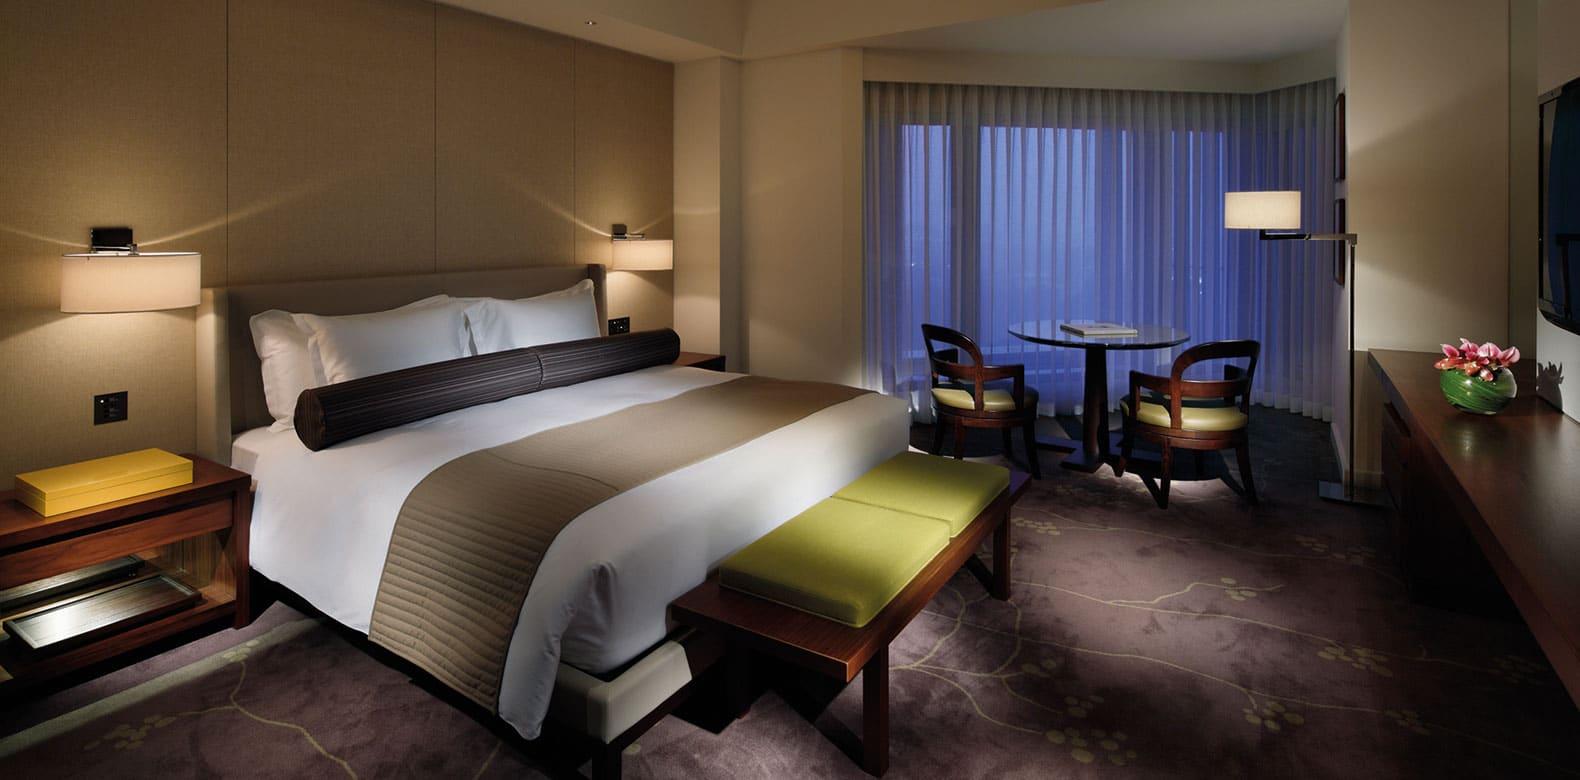 Palace Hotel Tokyo Best Hotels Tokyo Marunouchi